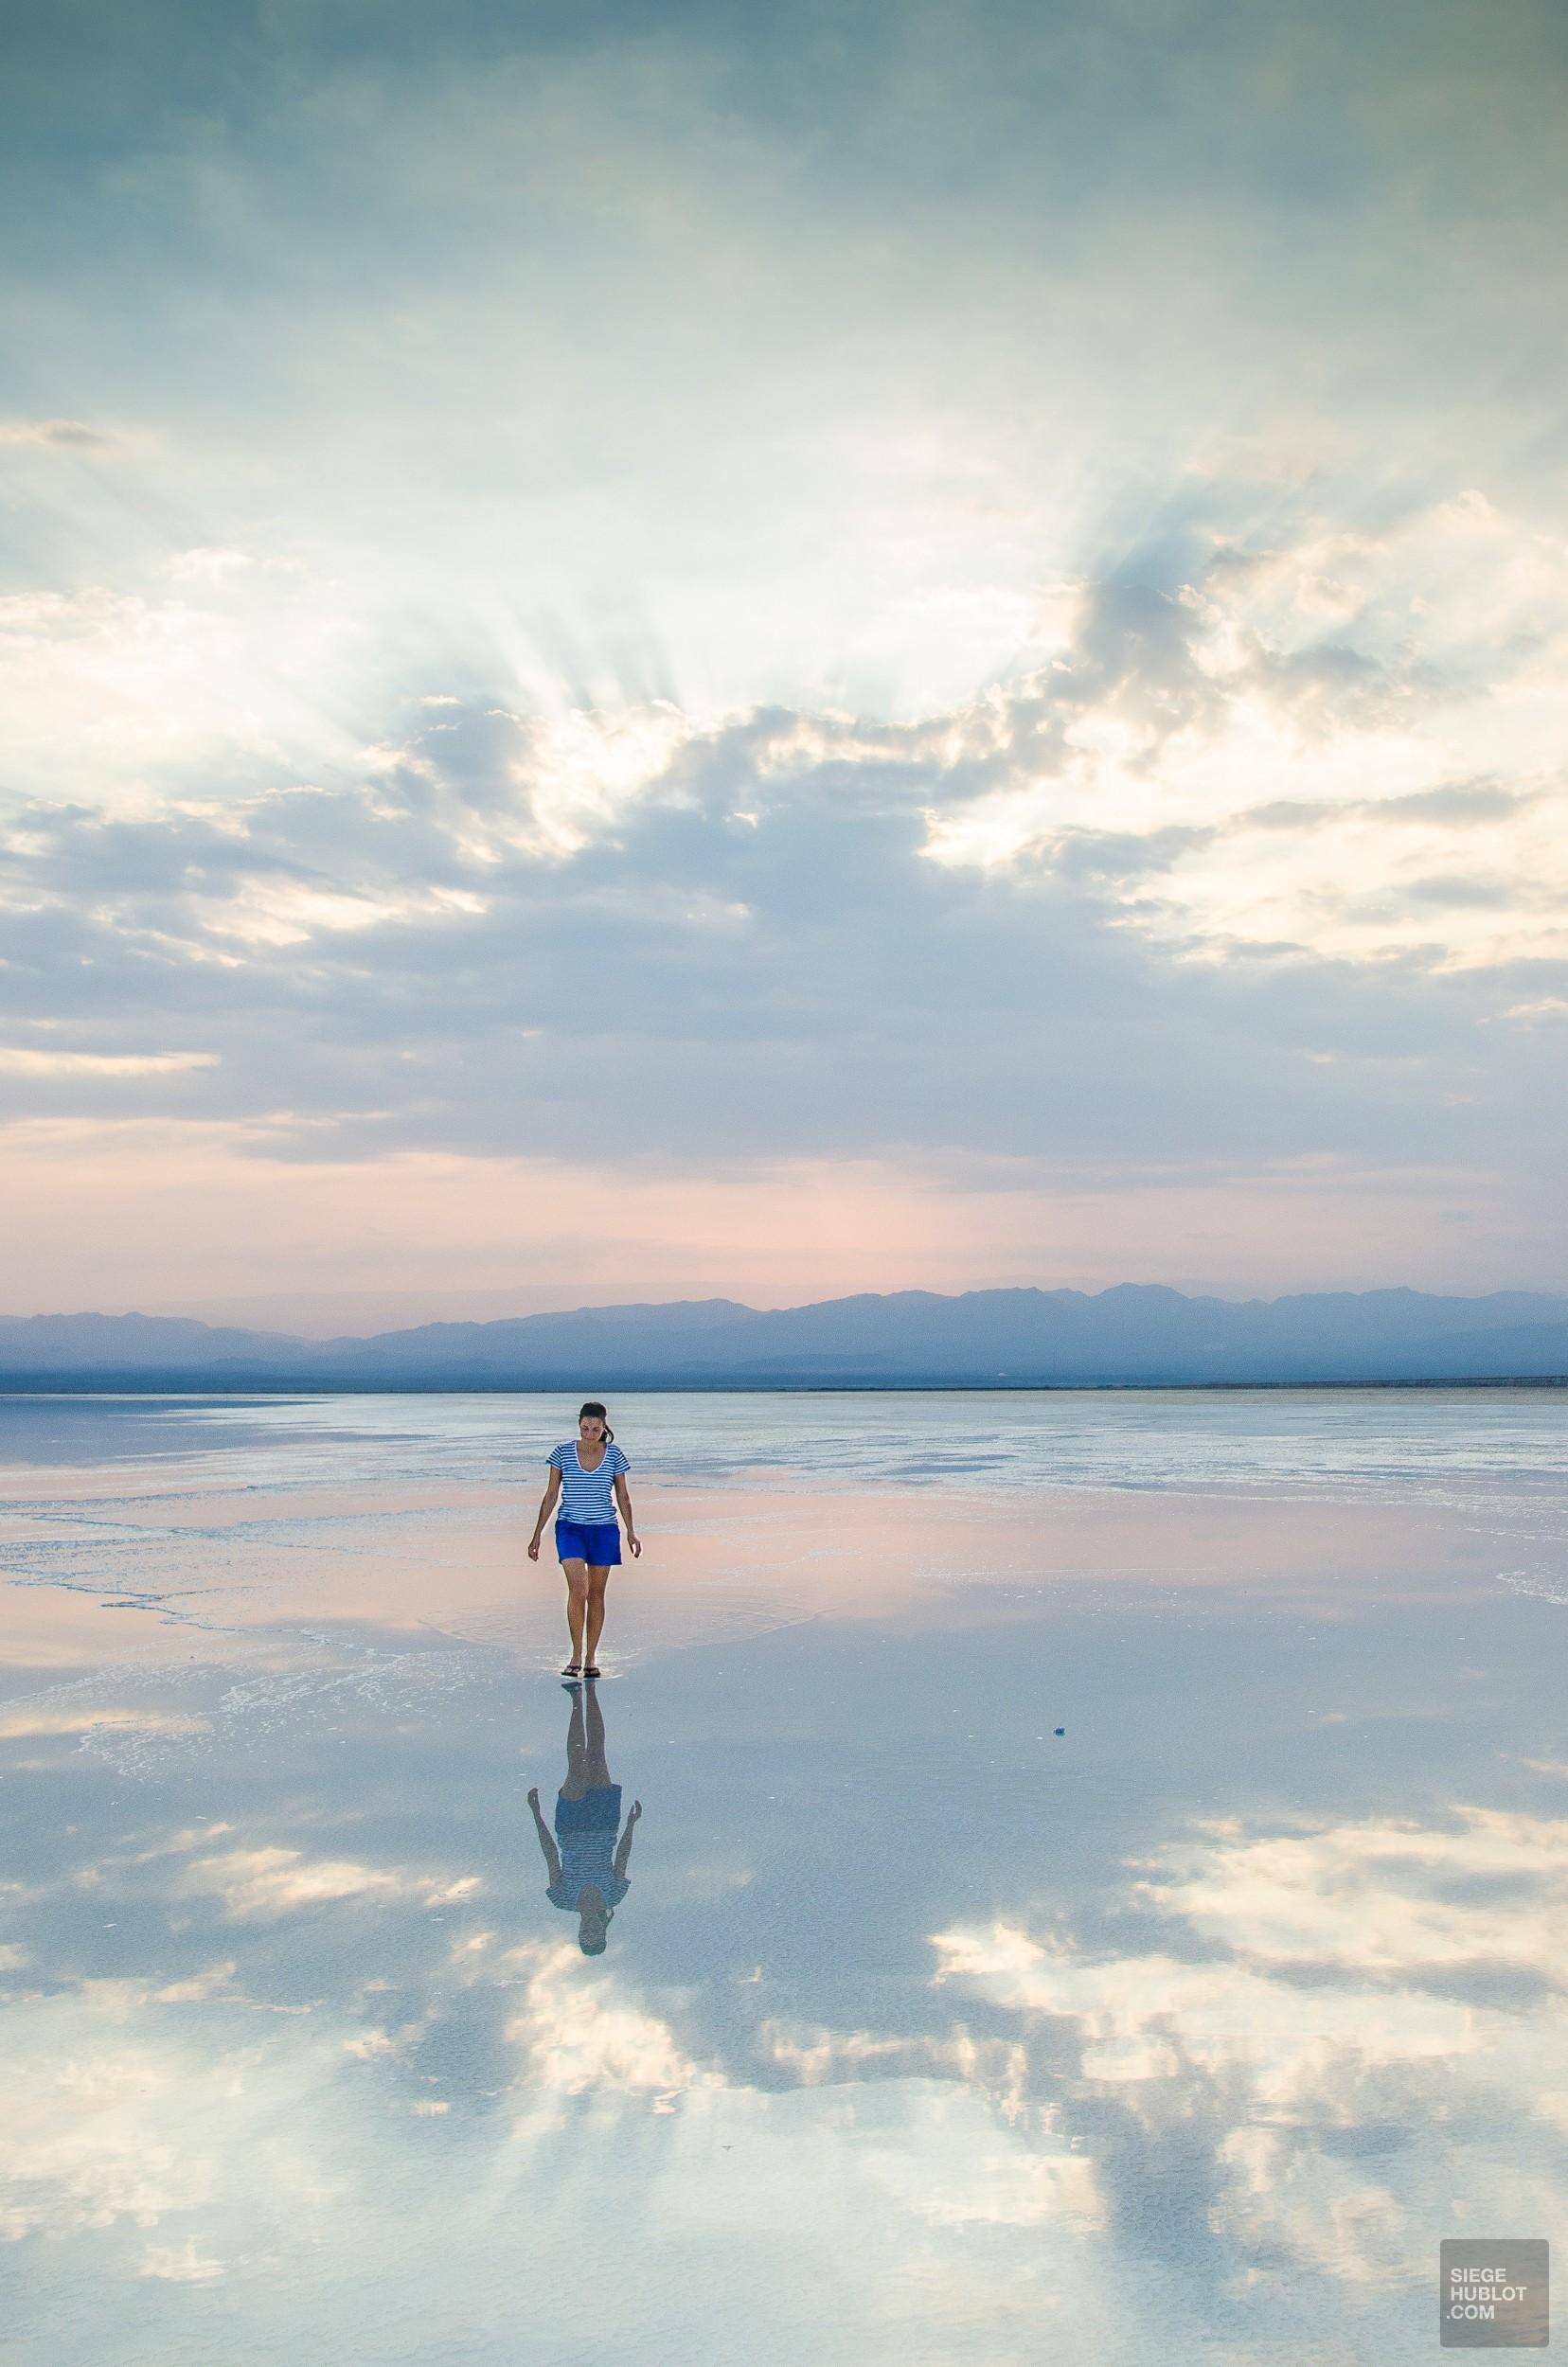 lac de sel filet eau - Desert de sel - Visiter une autre planete: Danakil, Ethiopie - afrique, ethiopie